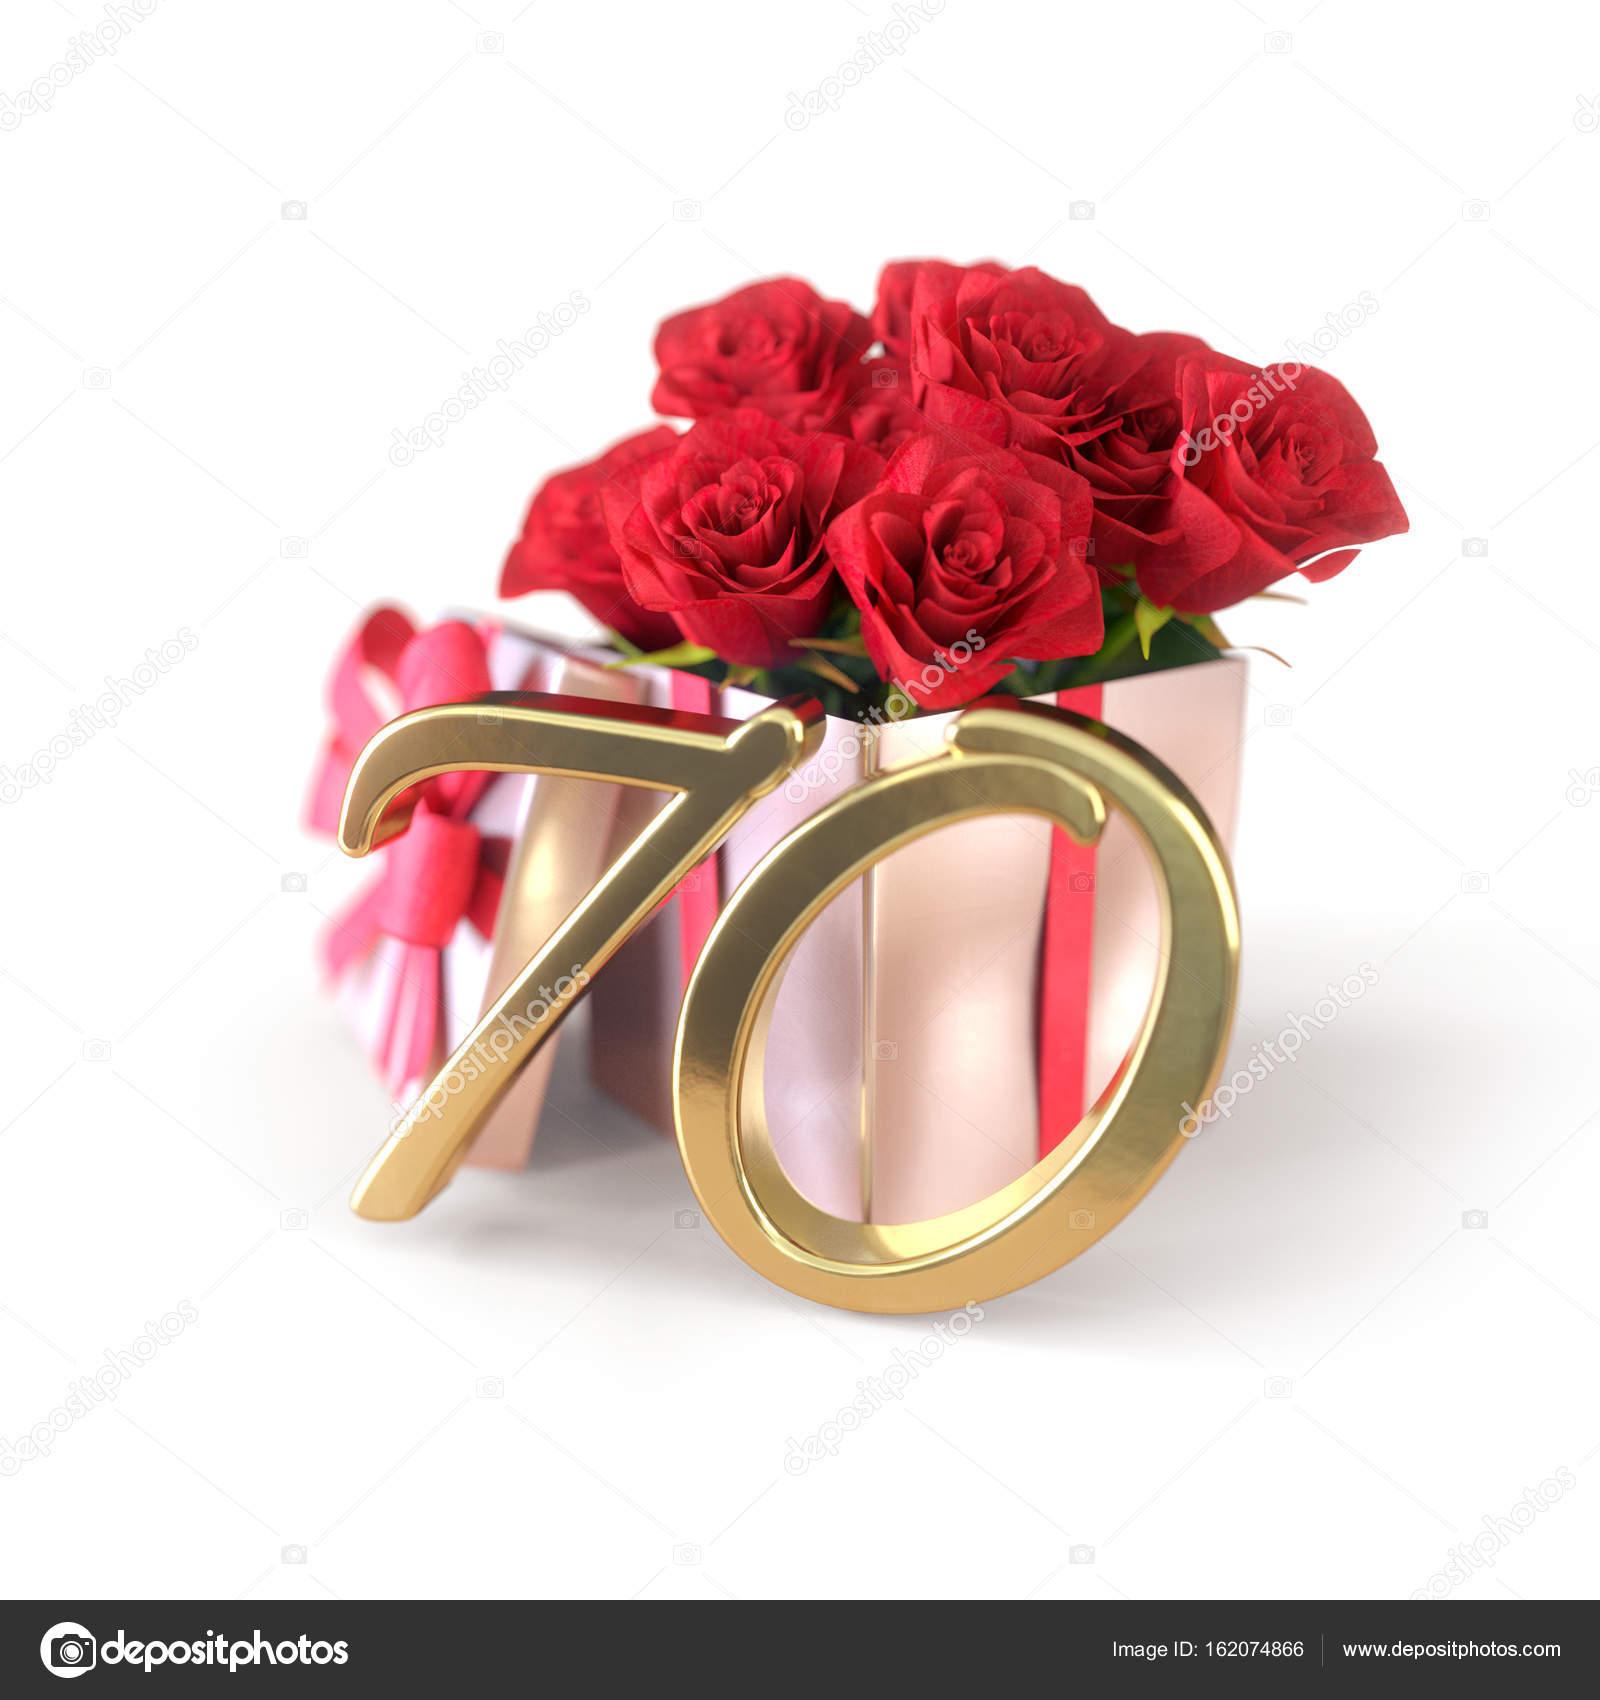 Geburtstag Konzept Mit Roten Rosen In Geschenk Isoliert Auf Weissem